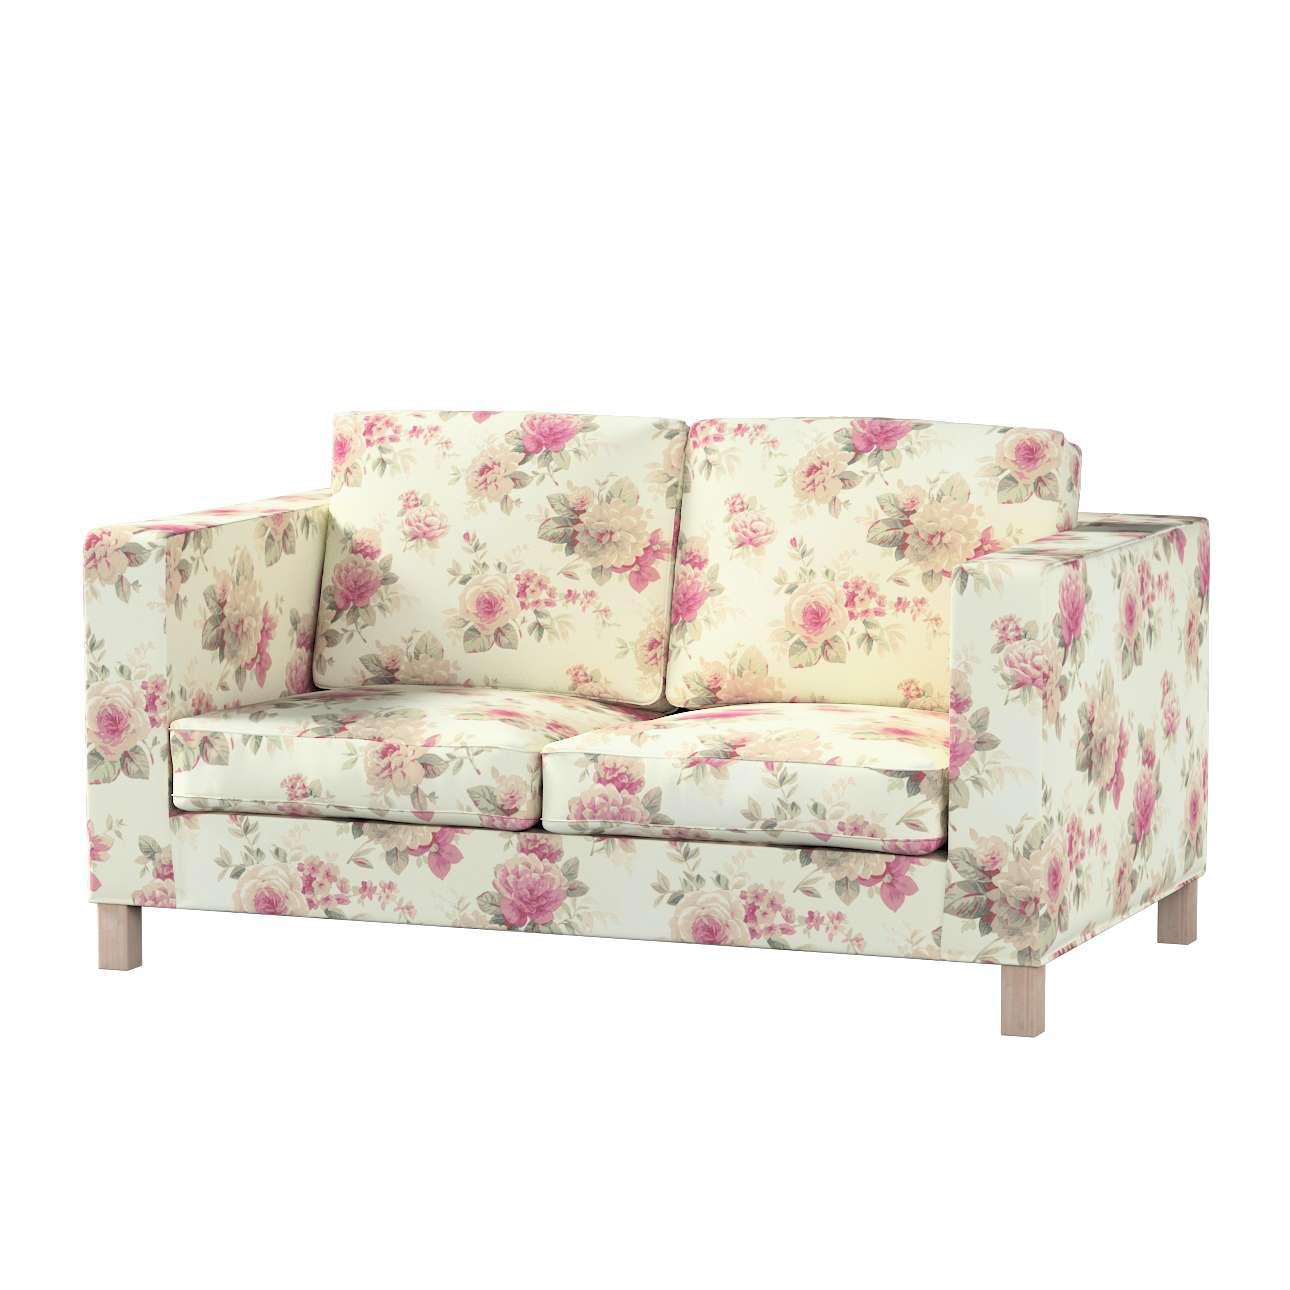 Karlanda klädsel<br>2-sits soffa - kort klädsel i kollektionen Londres, Tyg: 141-07